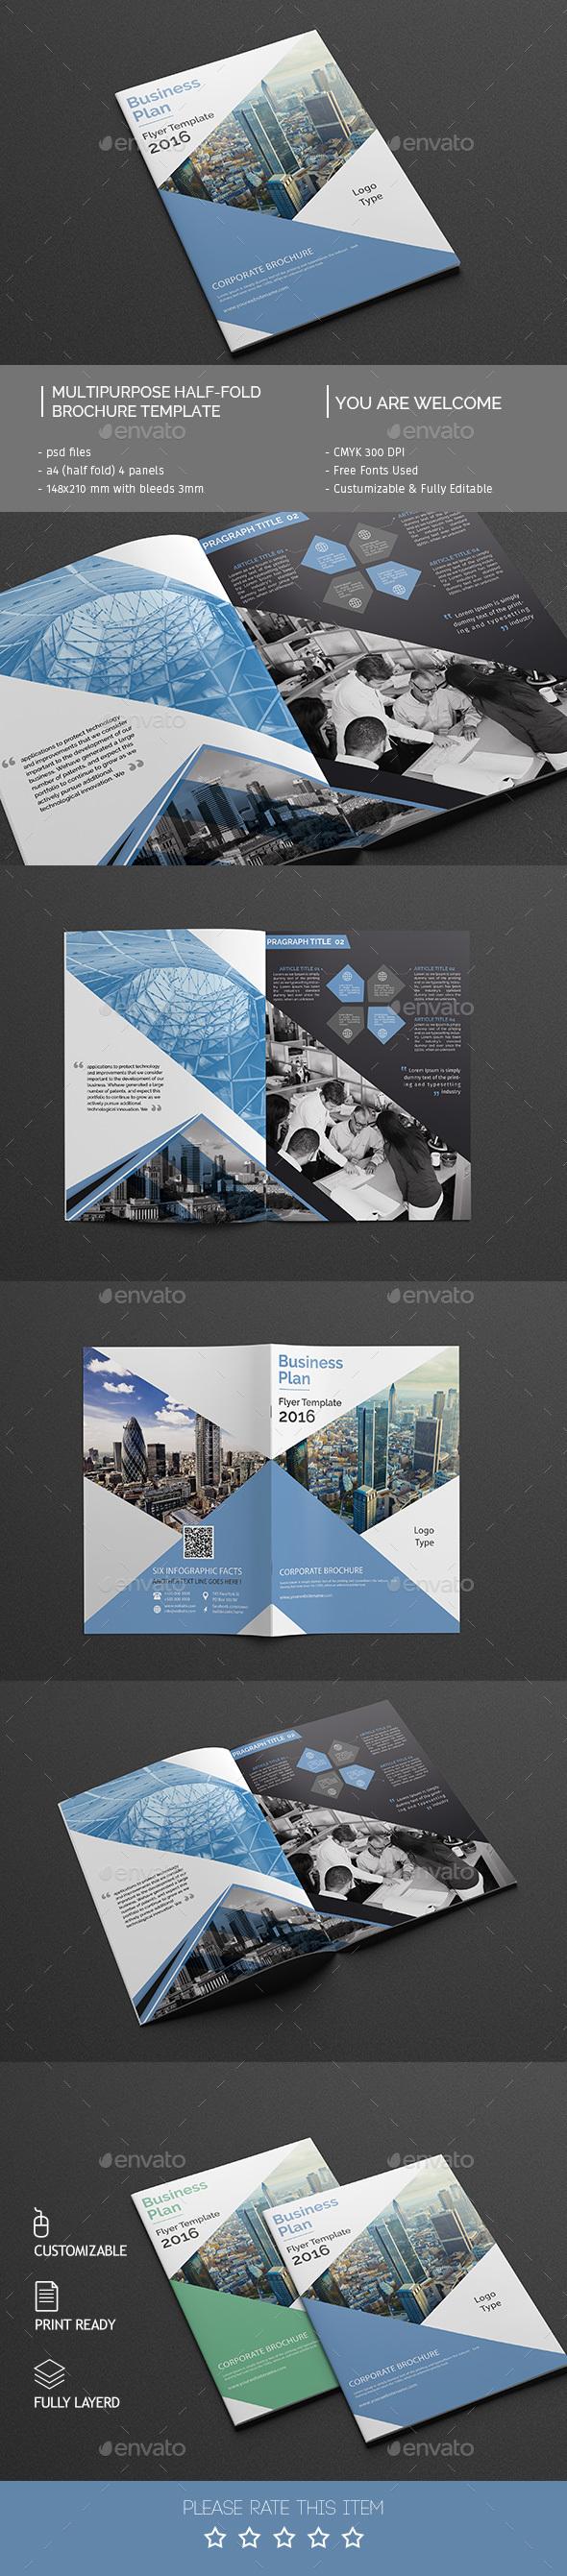 Corporate Bi-fold Brochure Template 03 - Corporate Brochures